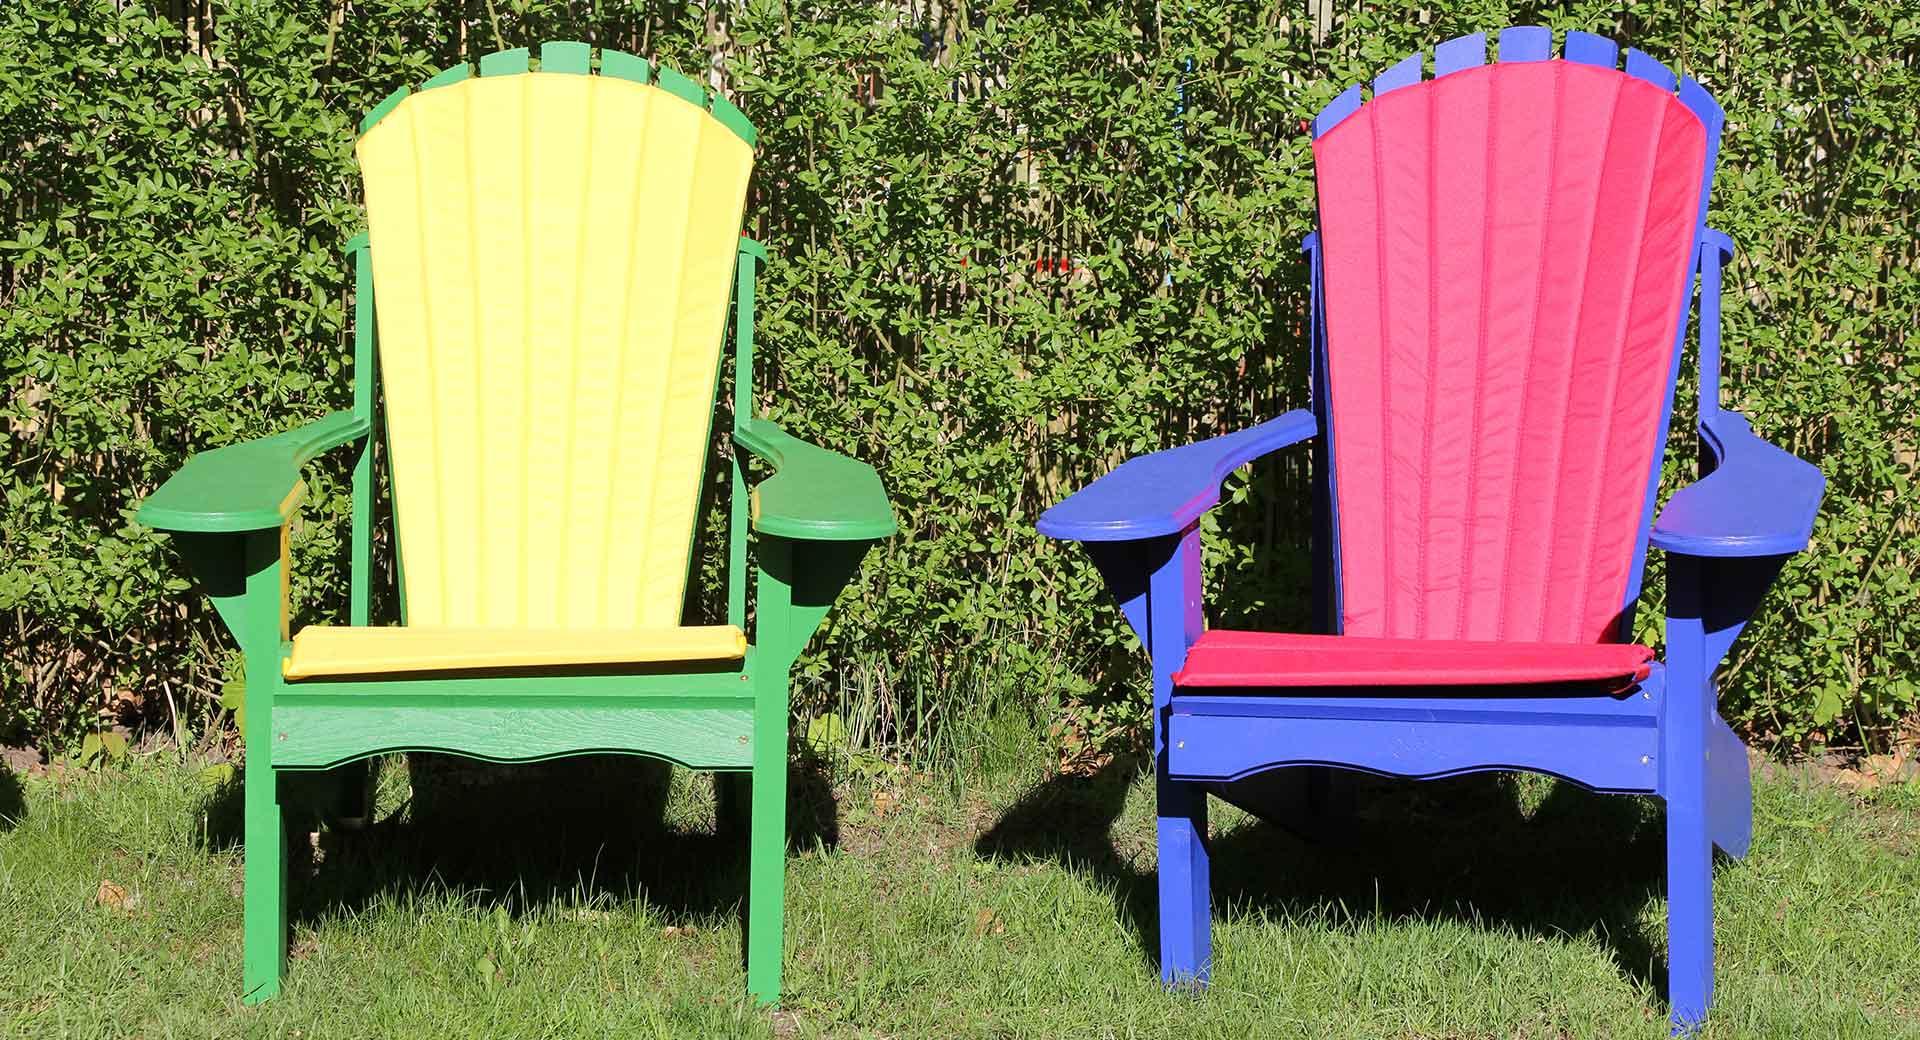 Muskoka Stuhl, Adirondack ChairStuhl, Gartenstühle aus Norderstedt